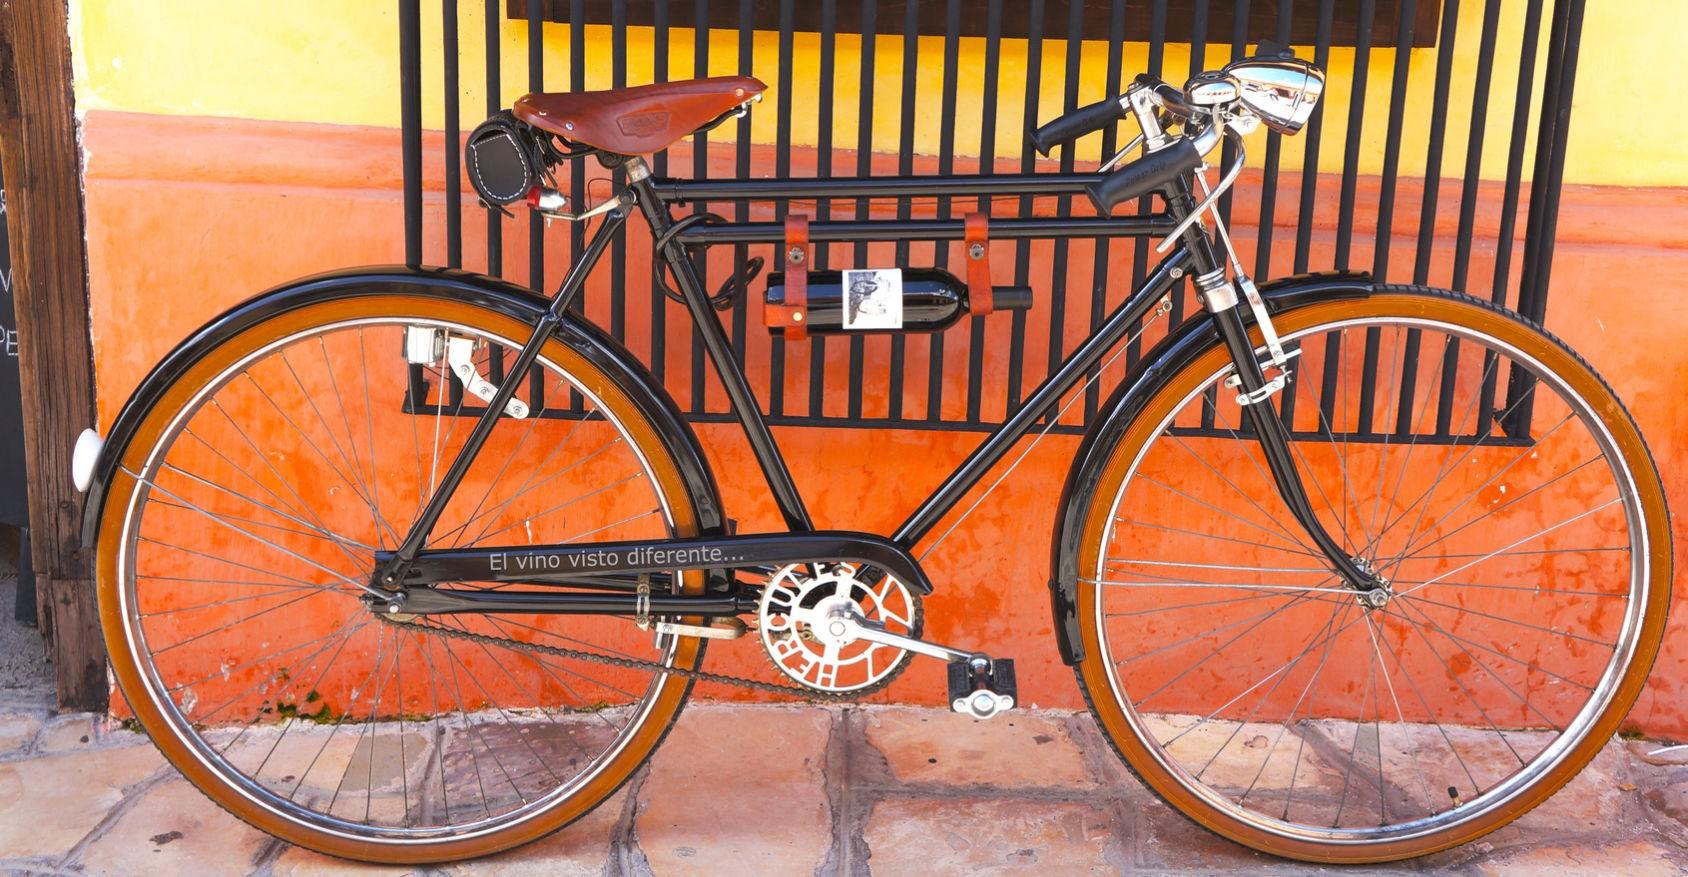 Fahrrad Gebraucht Kaufen Worauf Achten